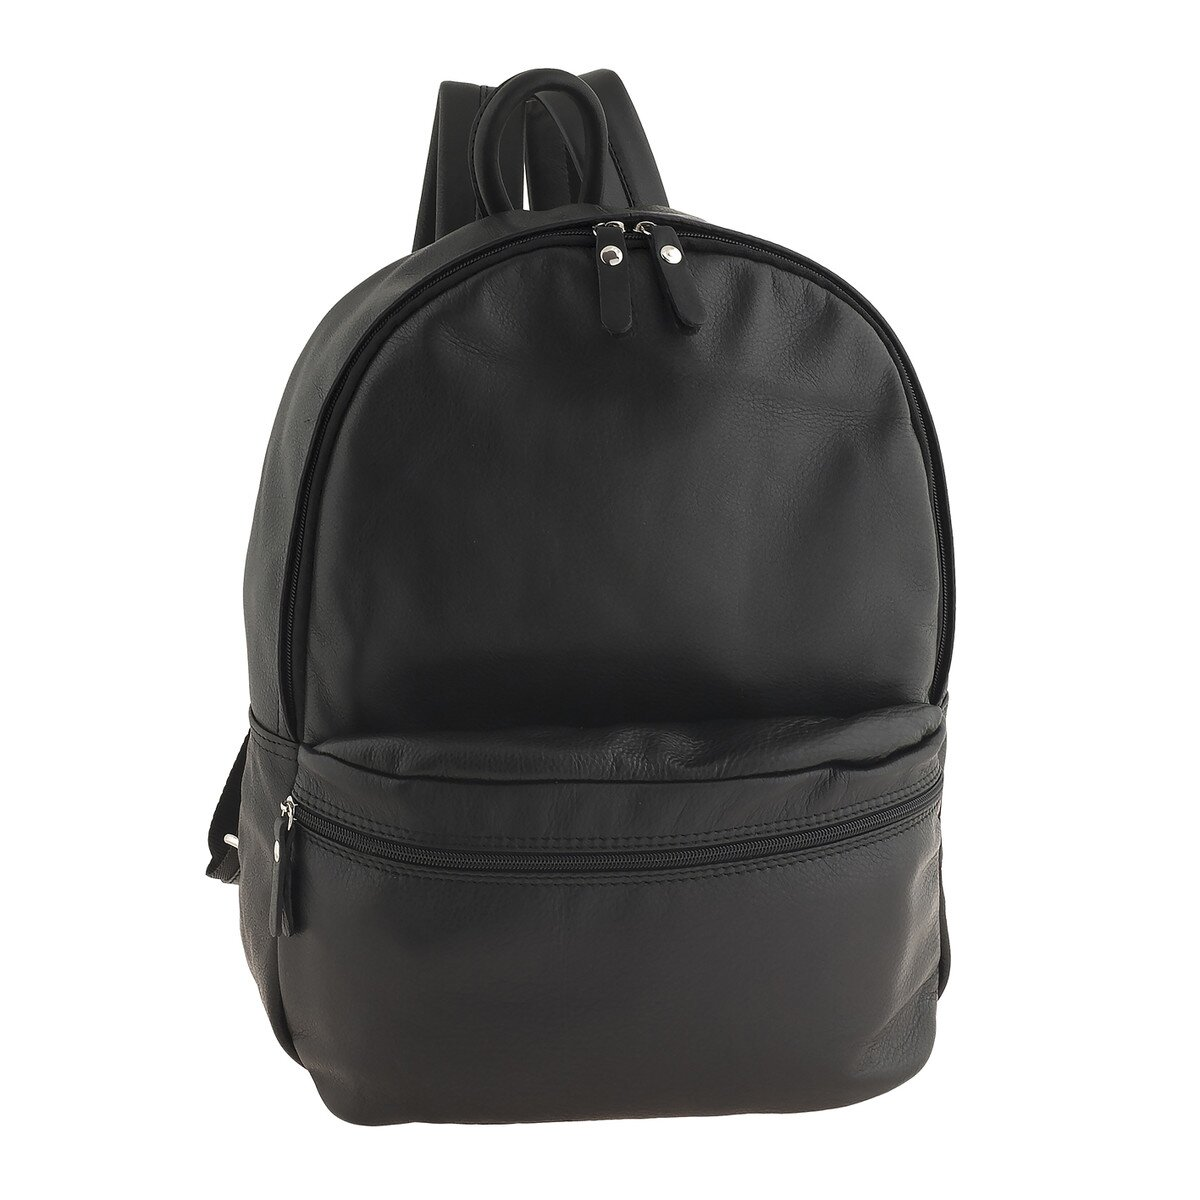 e6e9850dd Dámsky čierny kožený ruksak Ore 10 | Zlavomat.sk